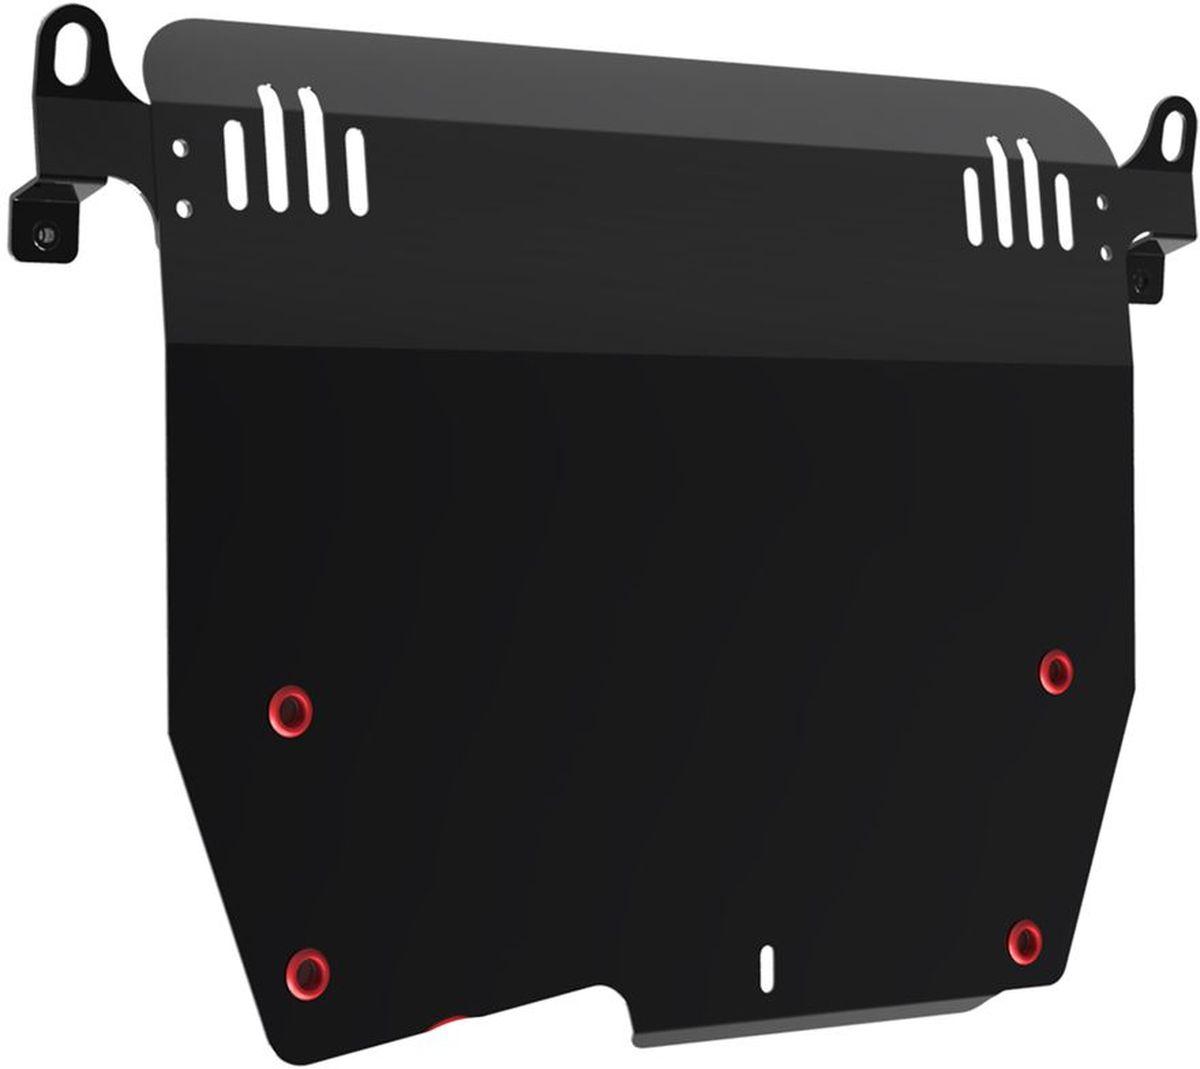 Защита картера и КПП Автоброня Honda Accord 2008-2012, сталь 2 мм111.02101.2Защита картера и КПП Автоброня Honda Accord, V - 2,0; 2,4 2008-2012, сталь 2 мм, комплект крепежа, 111.02101.2Стальные защиты Автоброня надежно защищают ваш автомобиль от повреждений при наезде на бордюры, выступающие канализационные люки, кромки поврежденного асфальта или при ремонте дорог, не говоря уже о загородных дорогах.- Имеют оптимальное соотношение цена-качество.- Спроектированы с учетом особенностей автомобиля, что делает установку удобной.- Защита устанавливается в штатные места кузова автомобиля.- Является надежной защитой для важных элементов на протяжении долгих лет.- Глубокий штамп дополнительно усиливает конструкцию защиты.- Подштамповка в местах крепления защищает крепеж от срезания.- Технологические отверстия там, где они необходимы для смены масла и слива воды, оборудованные заглушками, закрепленными на защите.Толщина стали 2 мм.В комплекте крепеж и инструкция по установке.